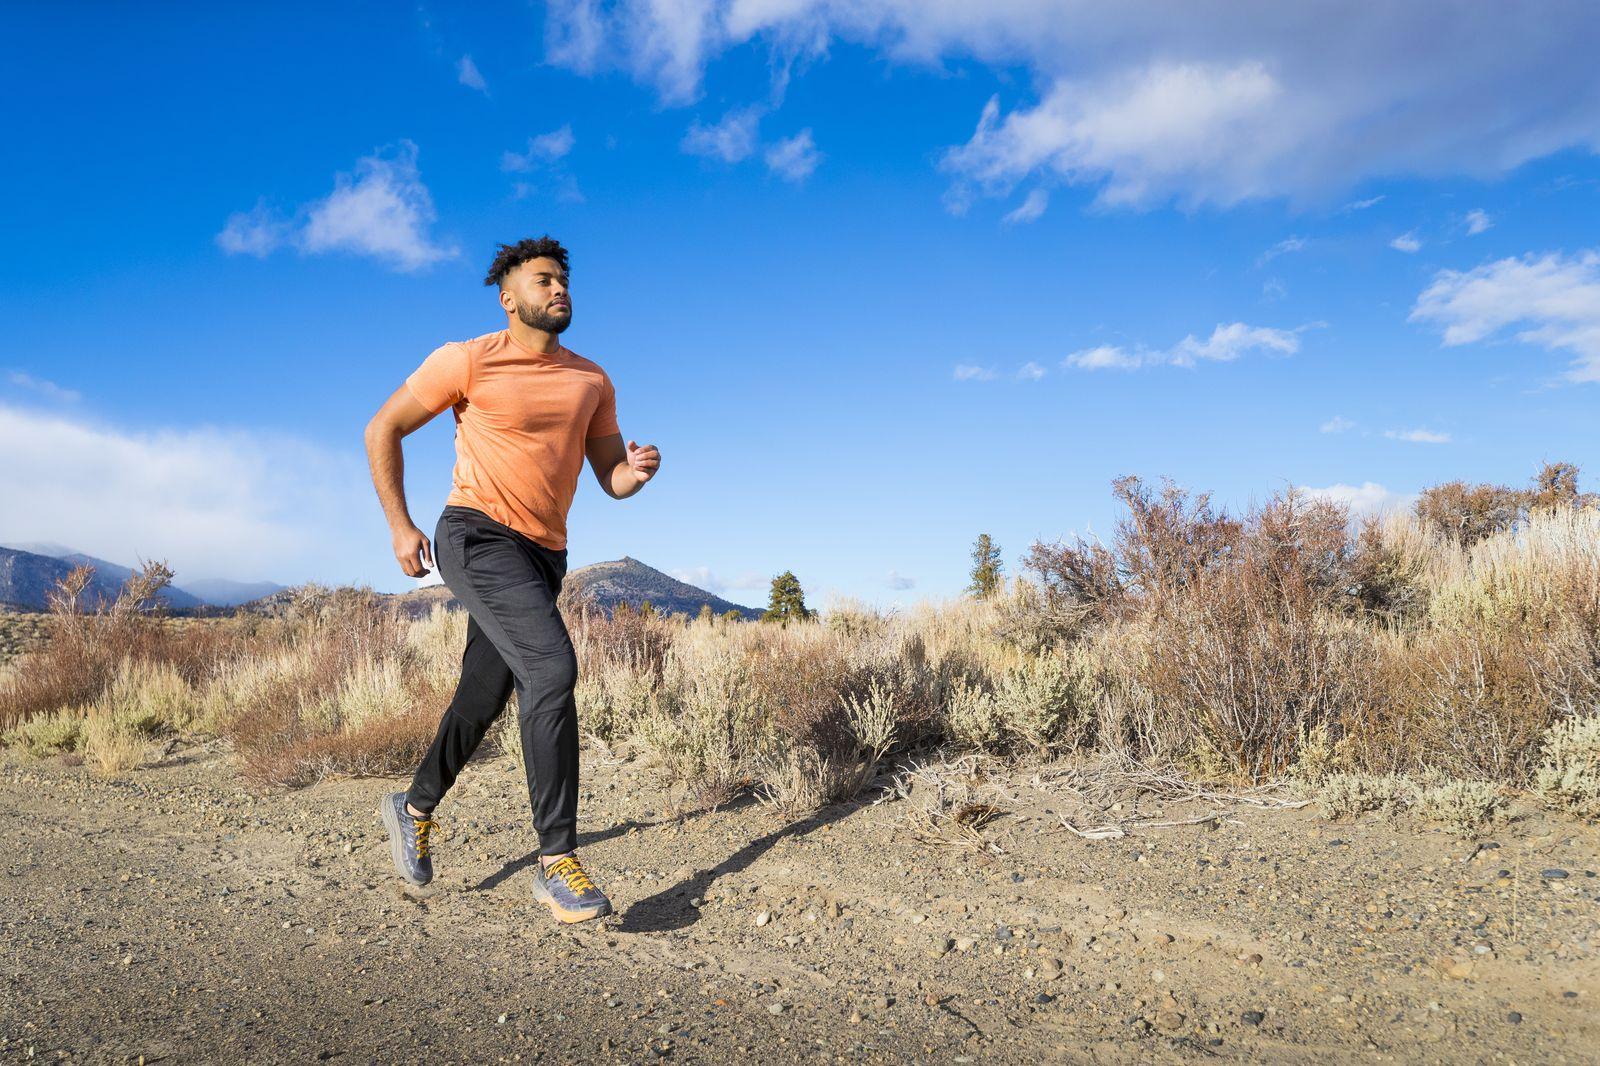 Dieta w sportach wytrzymałościowych